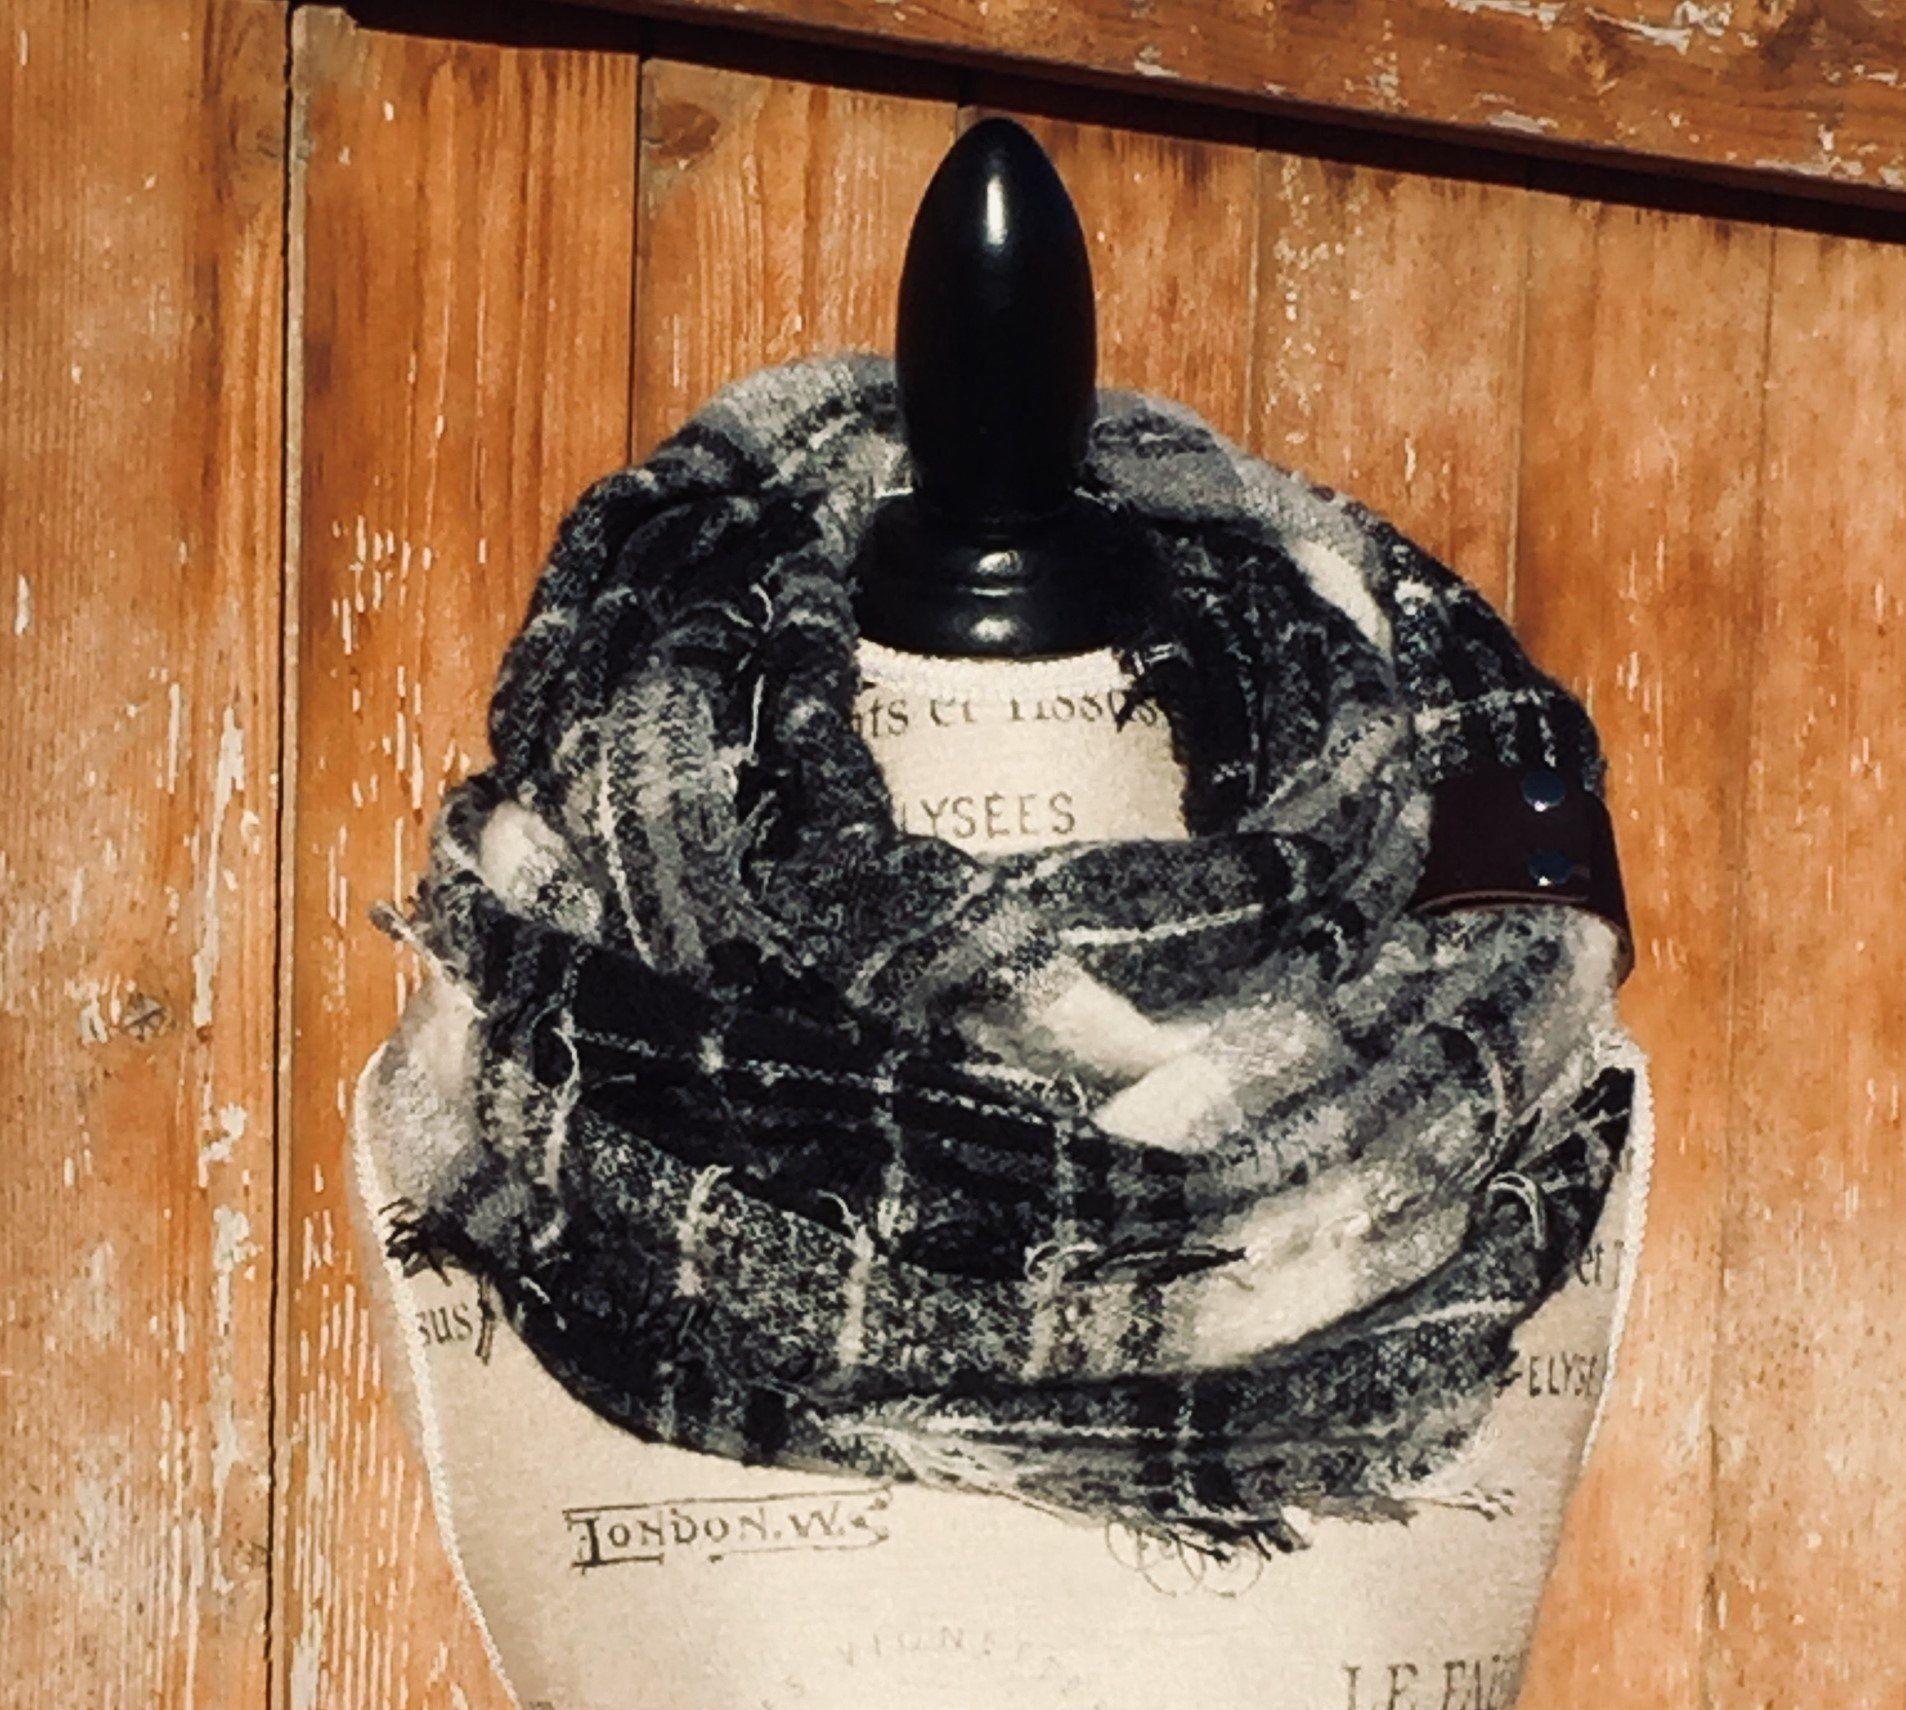 Photo of Strickschal, Infinity-Strickschal, Infinity-Strickschal, Frauen-Strickschals, Schals, Schals, Strickschal, Strickschals, Infinity-Strickschals